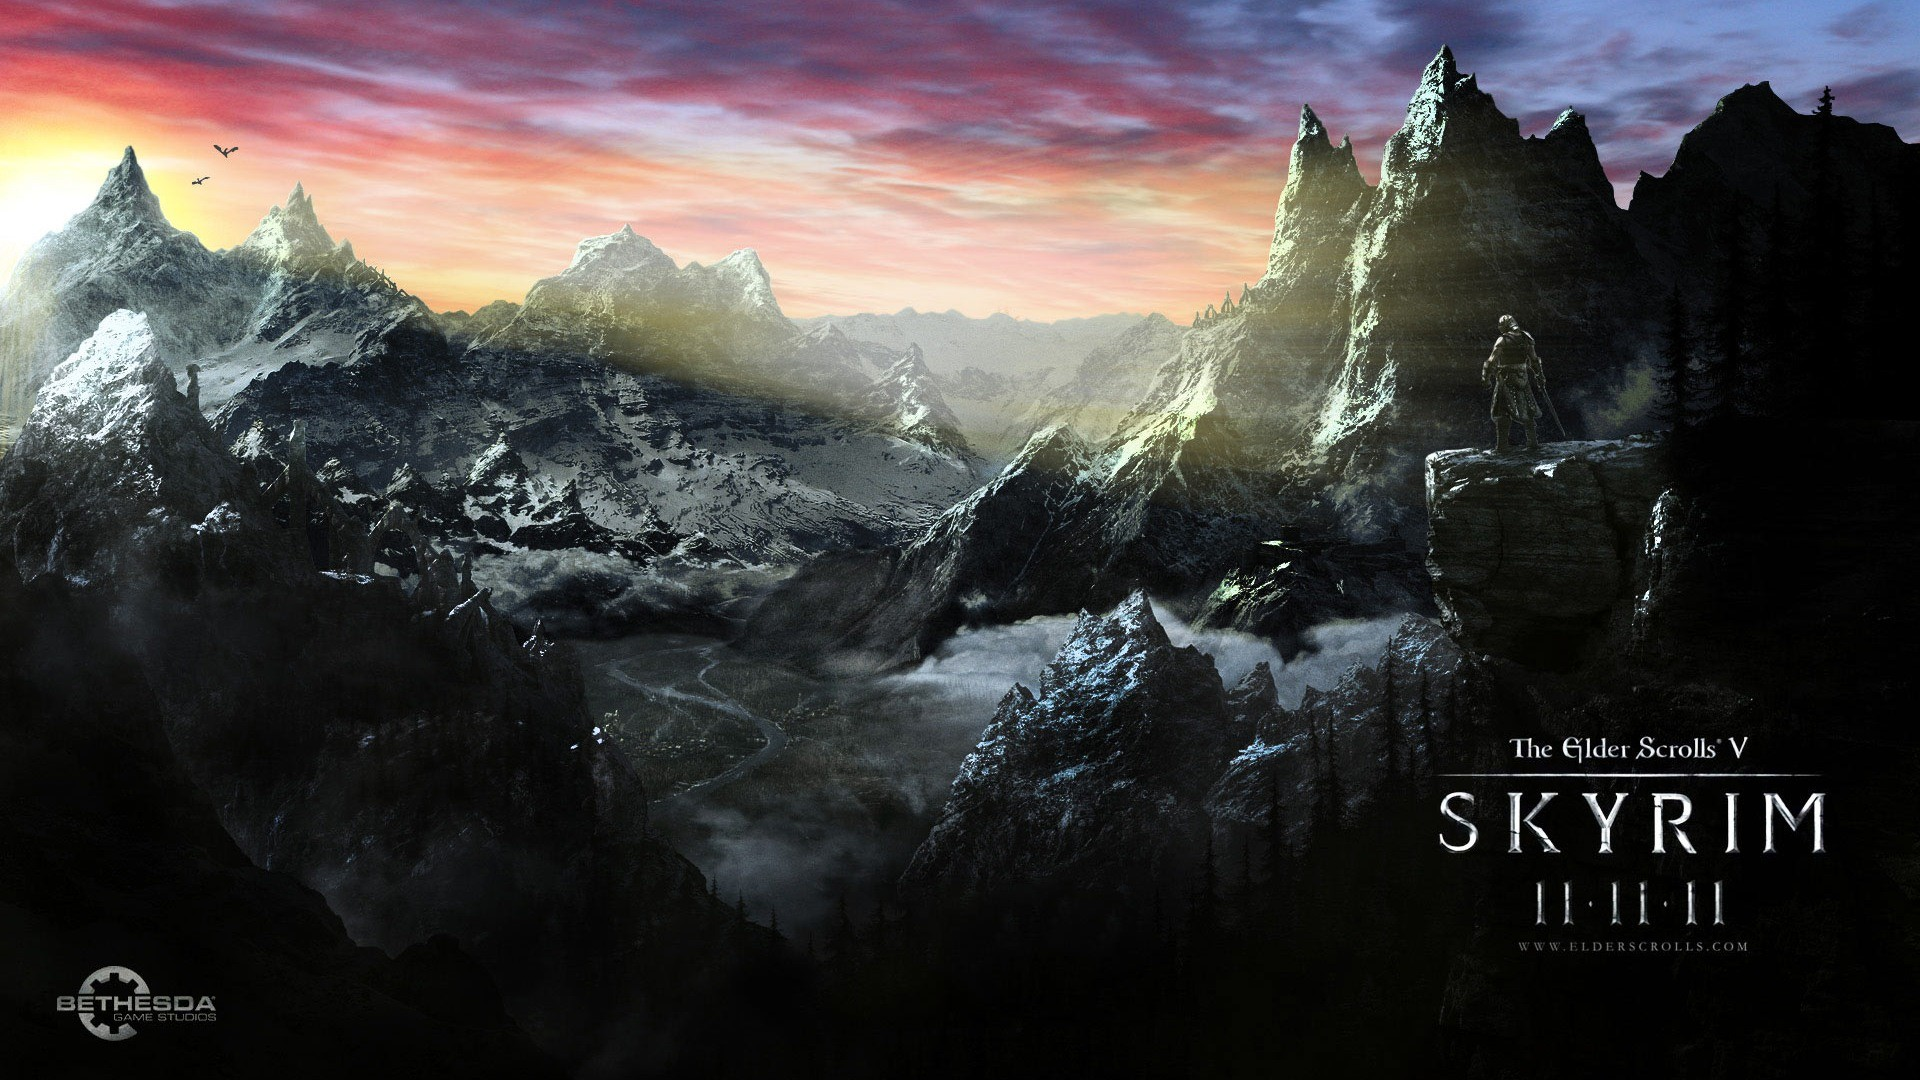 Skyrim HD Wallpaper, Full HD 1080p, 1920×1080 10  